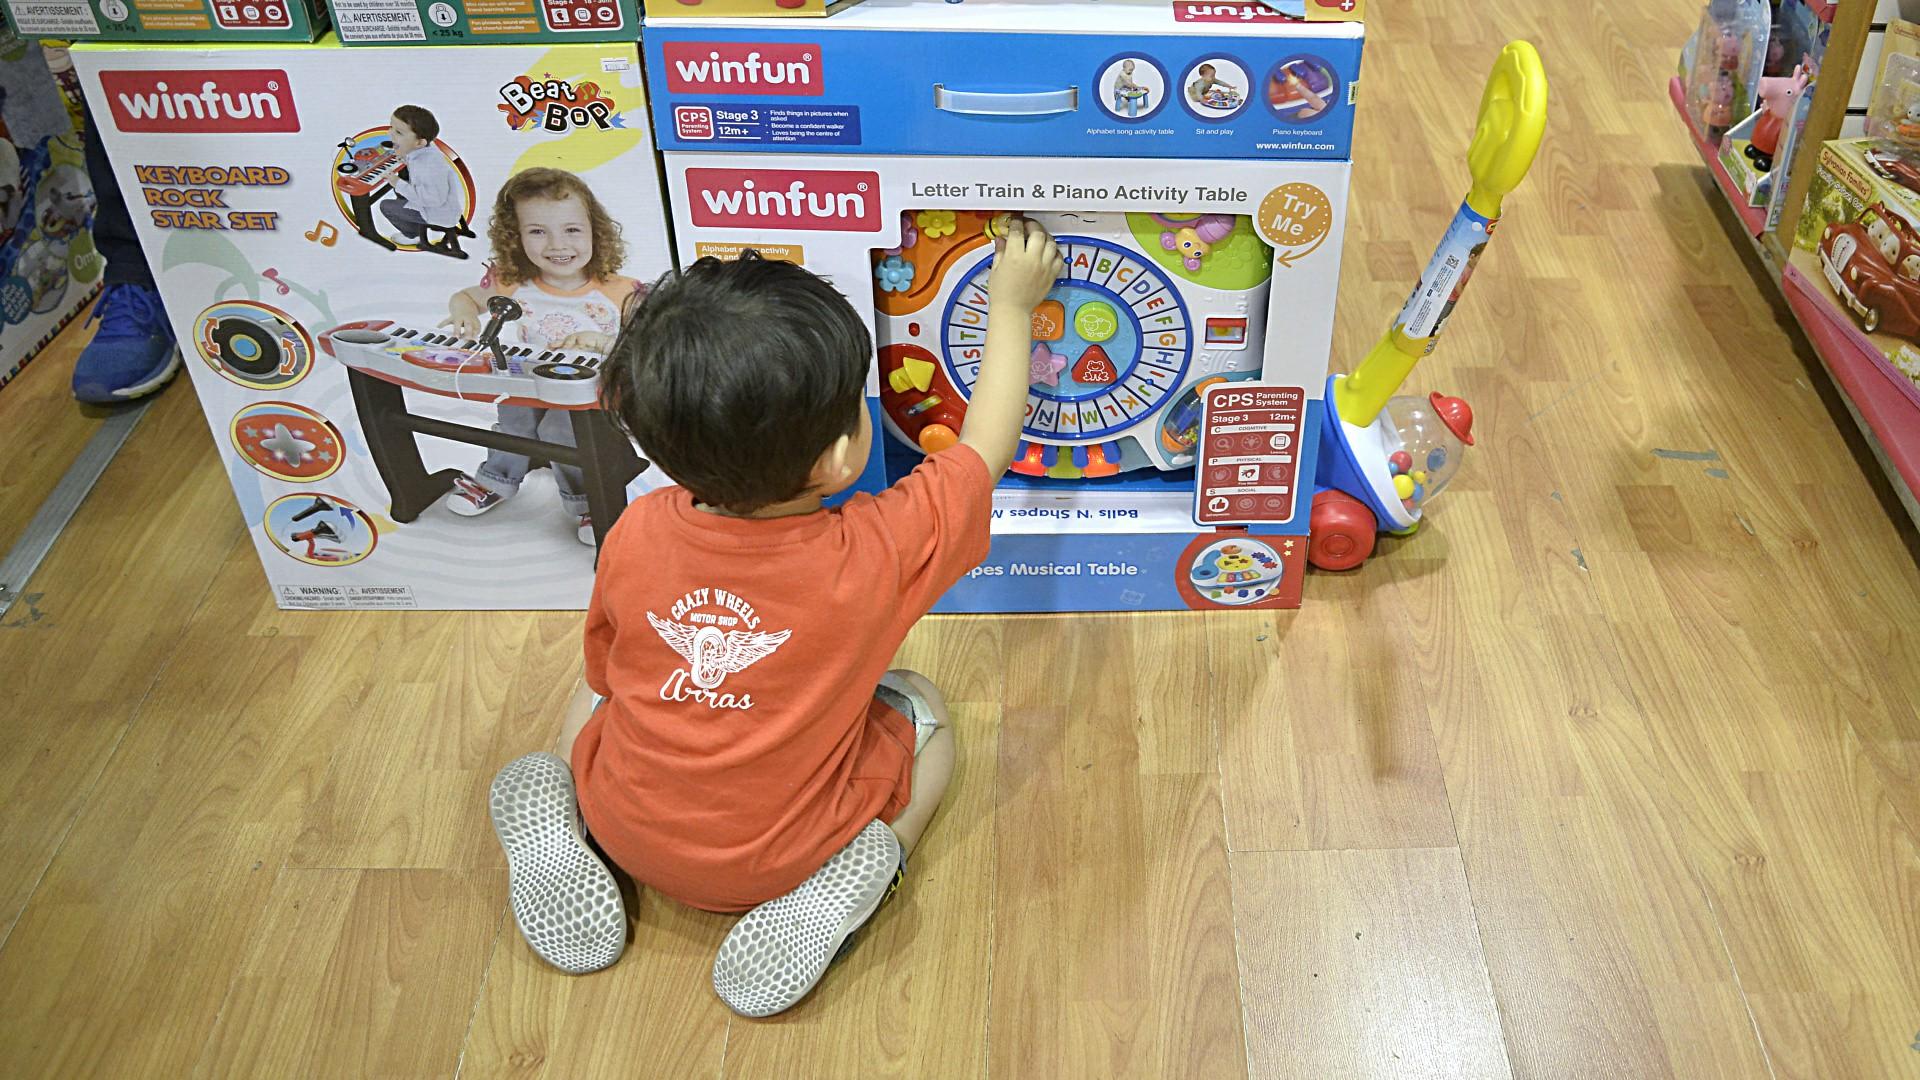 Desde el punto de vista cognitivo, los juguetes ayudan al desarrollo sensorial e intelectual en los niño